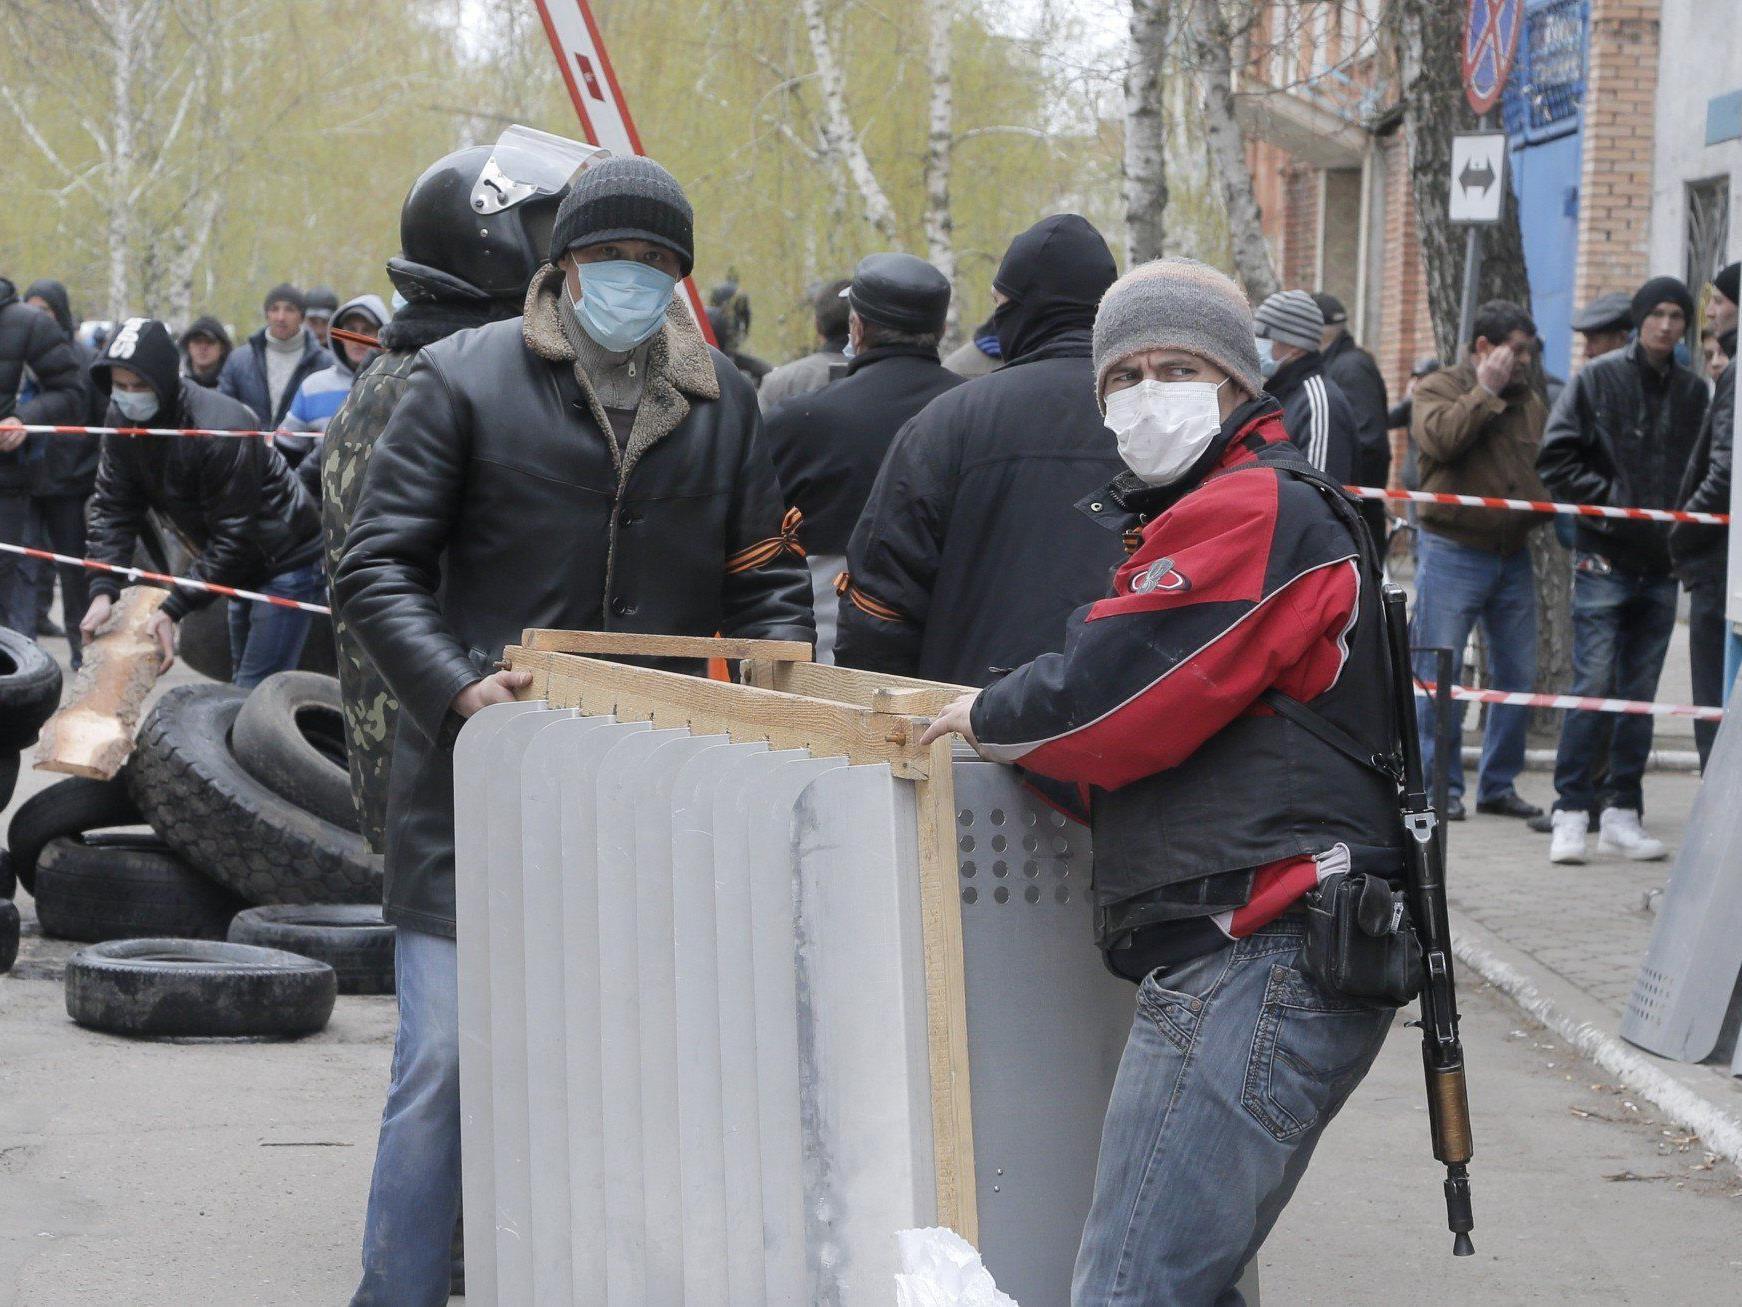 OSZE-Beobachter in der Ukraine verschleppt und festgehalten.